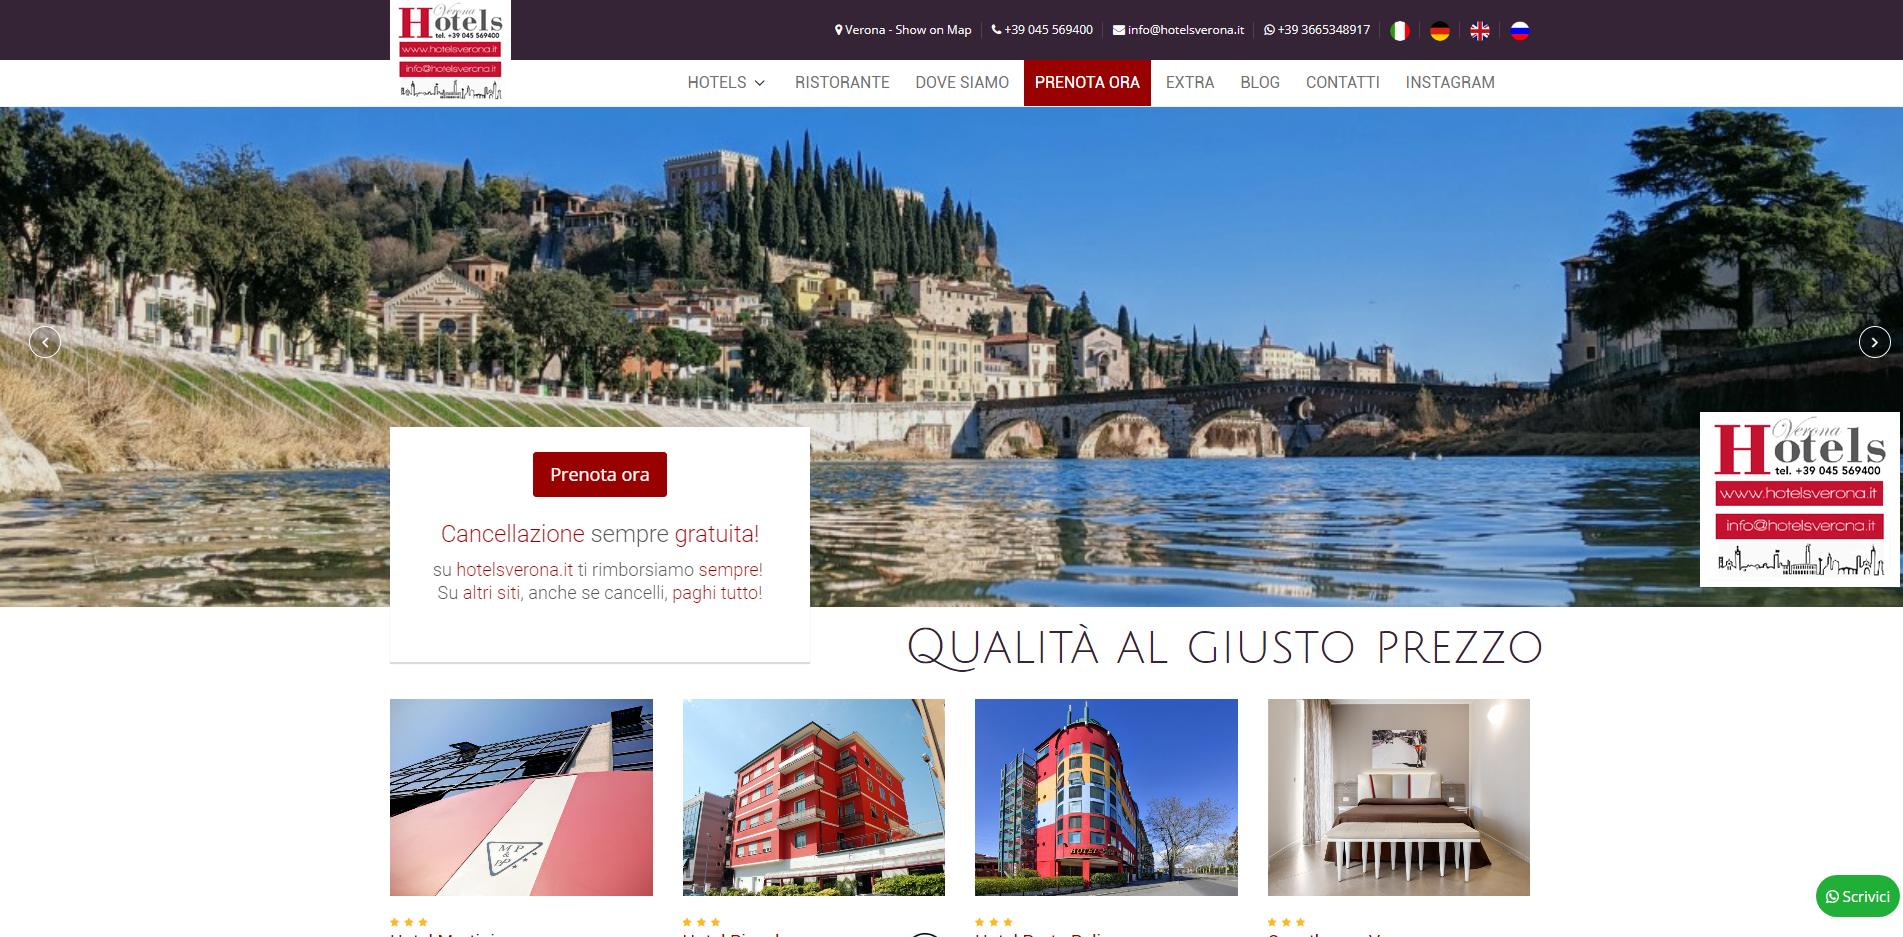 Hotelsverona: incremento prenotazioni dirette +73%!